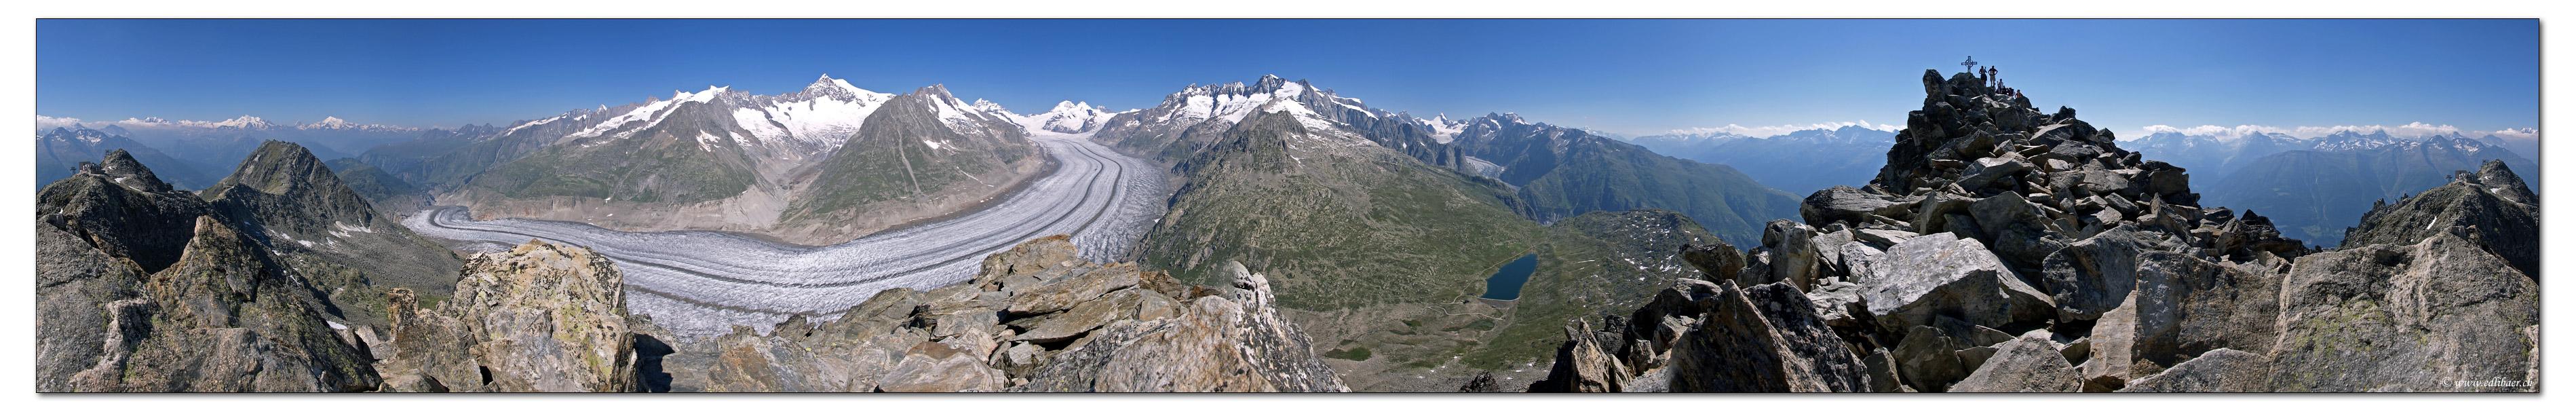 Aletschgletscher - Great Aletsch Glacier